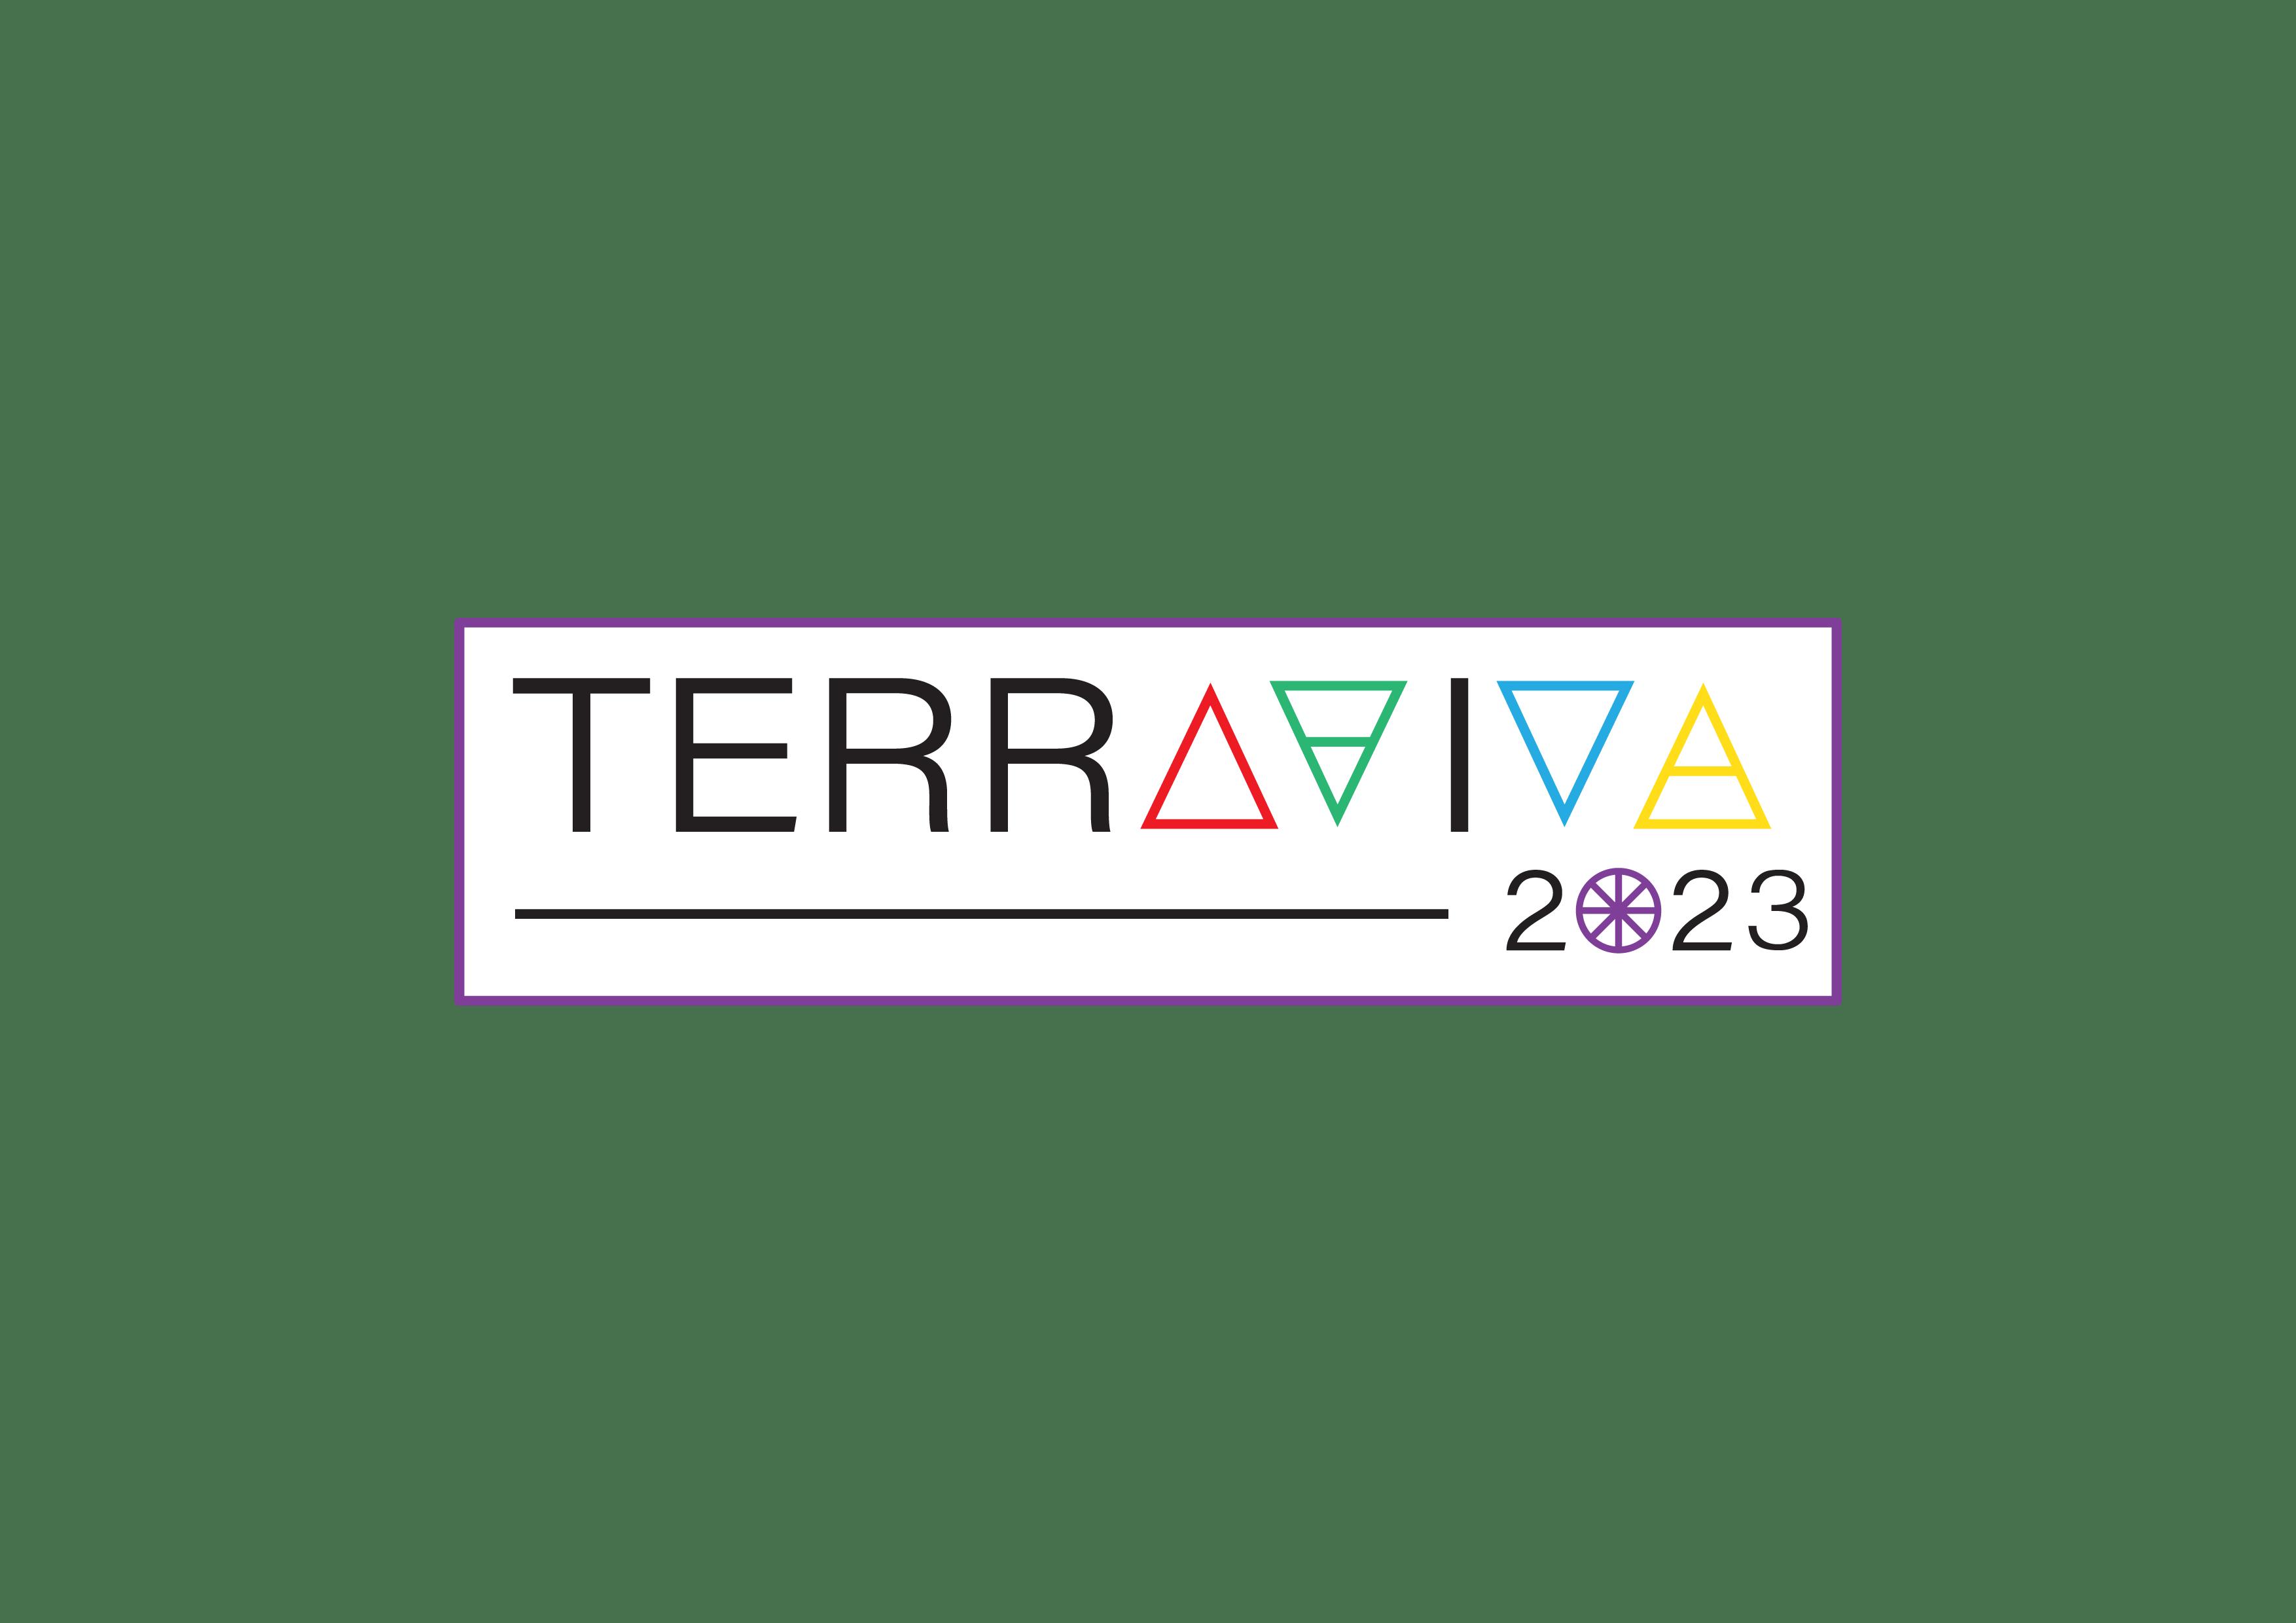 Terraviva 2023